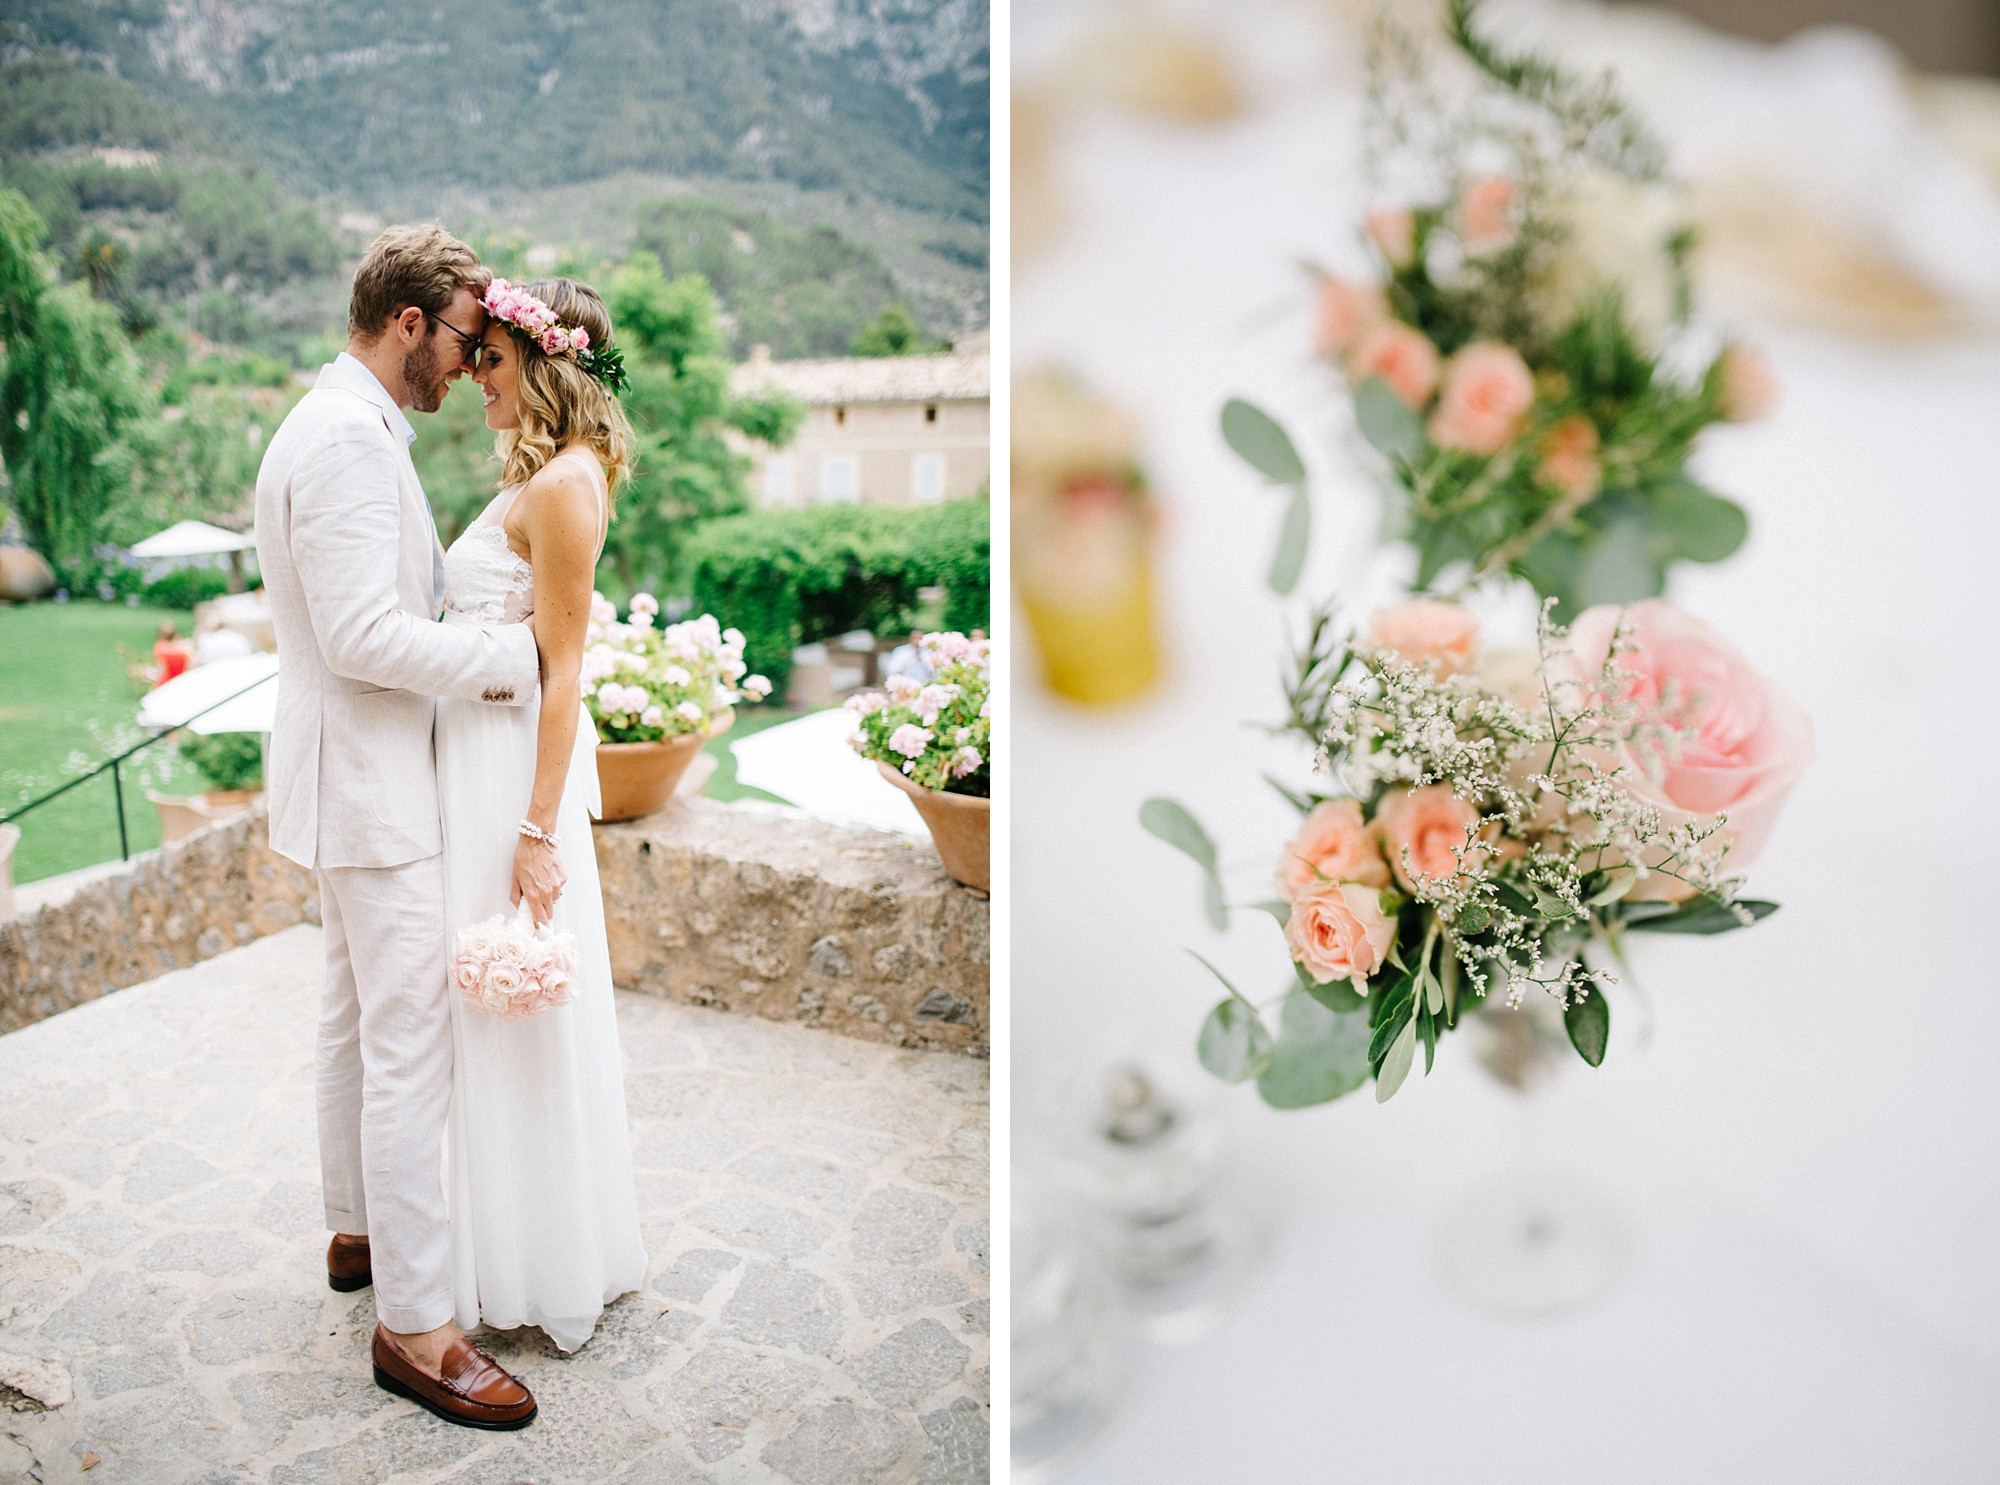 fotografos de boda en valencia barcelona mallorca wedding photographer101.jpg